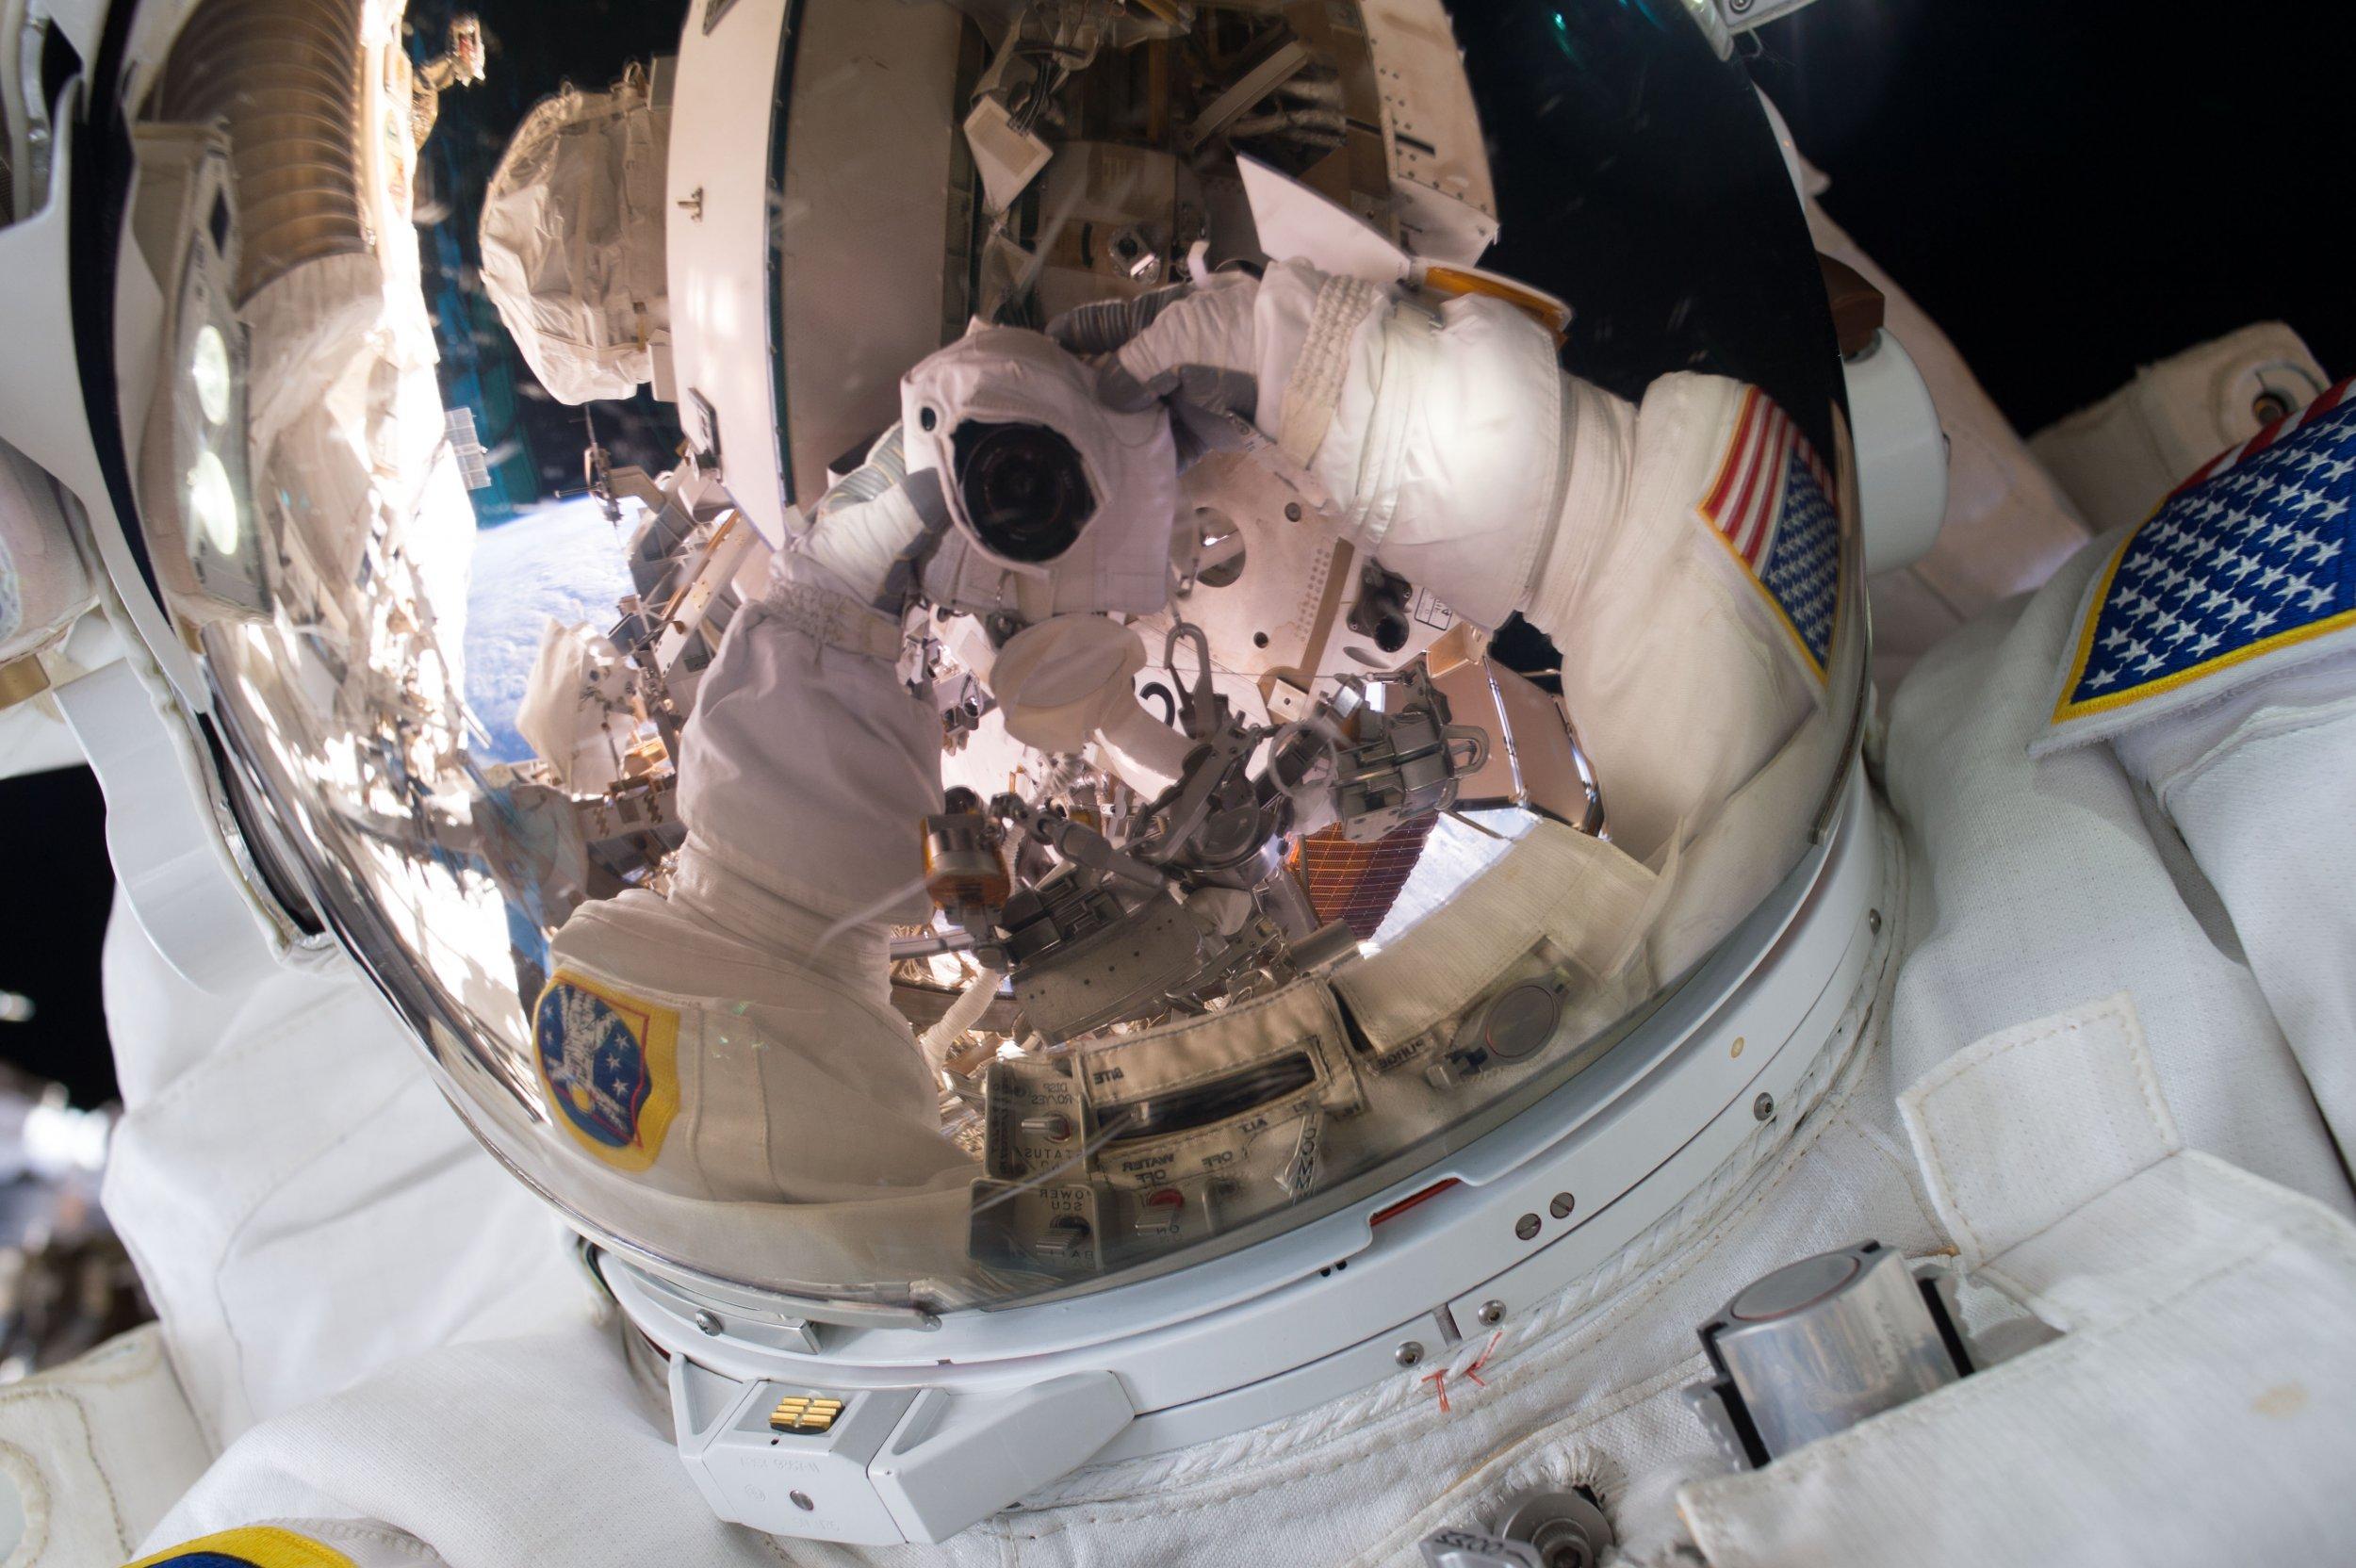 11-4-15 Spacewalk Selfie